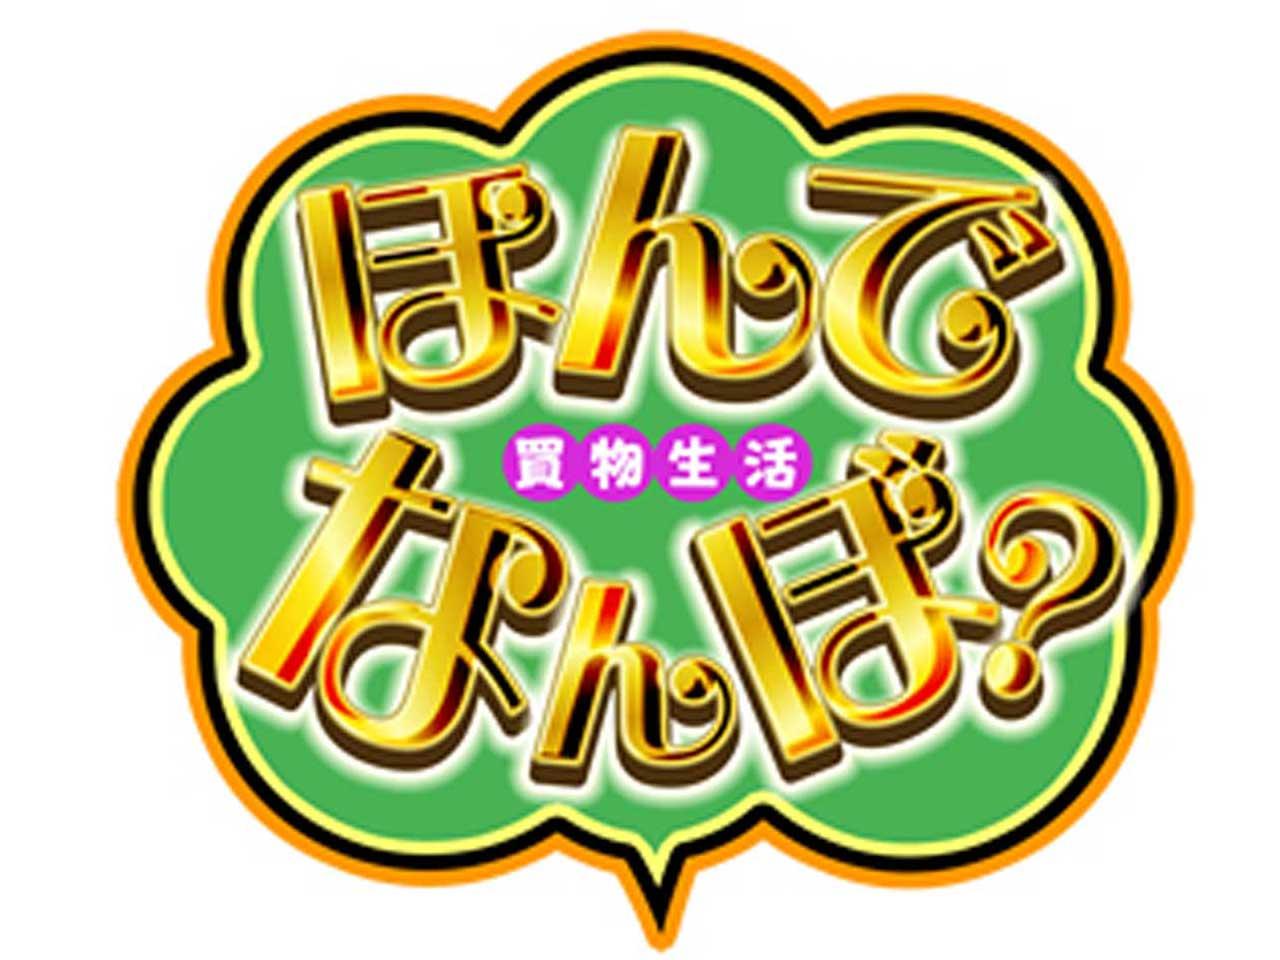 関テレロゴ